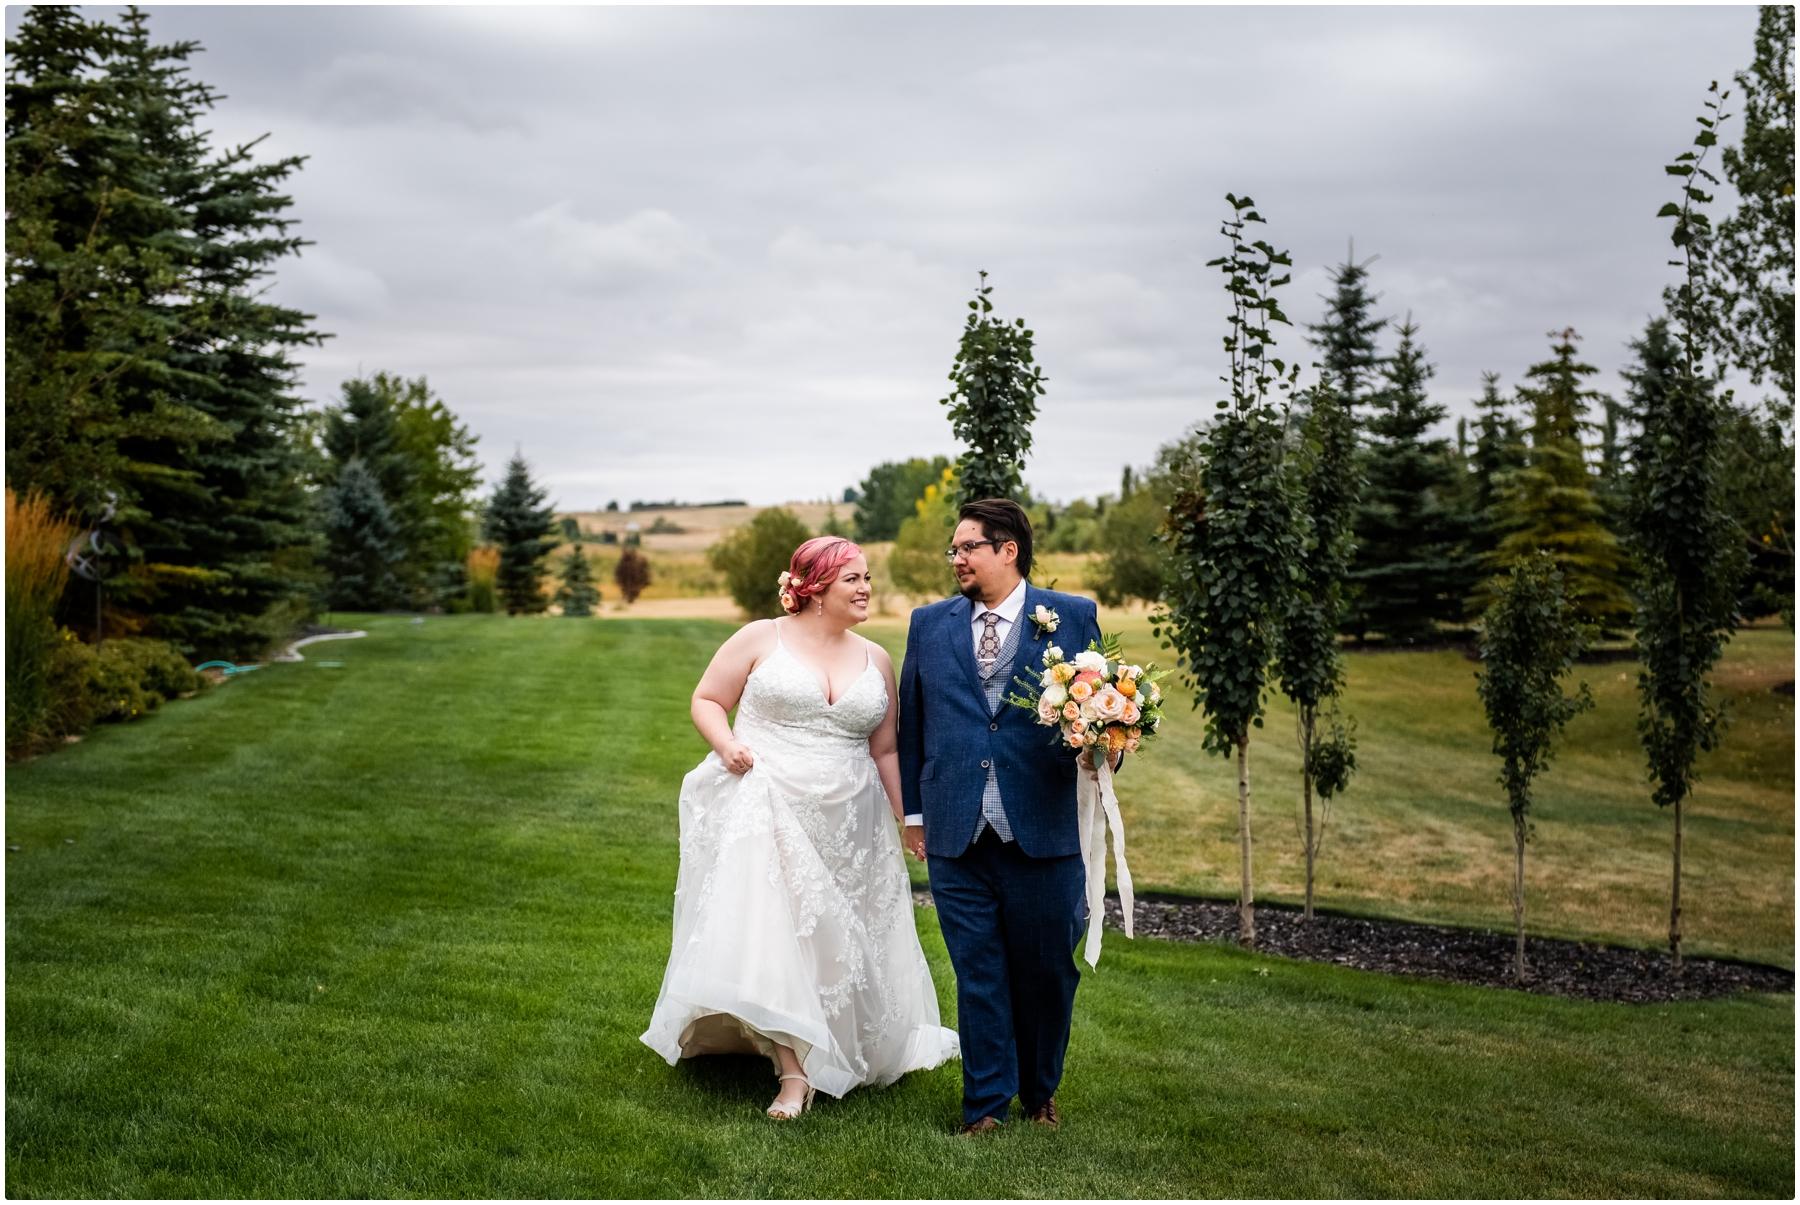 Garden Party Wedding Photography Calgary